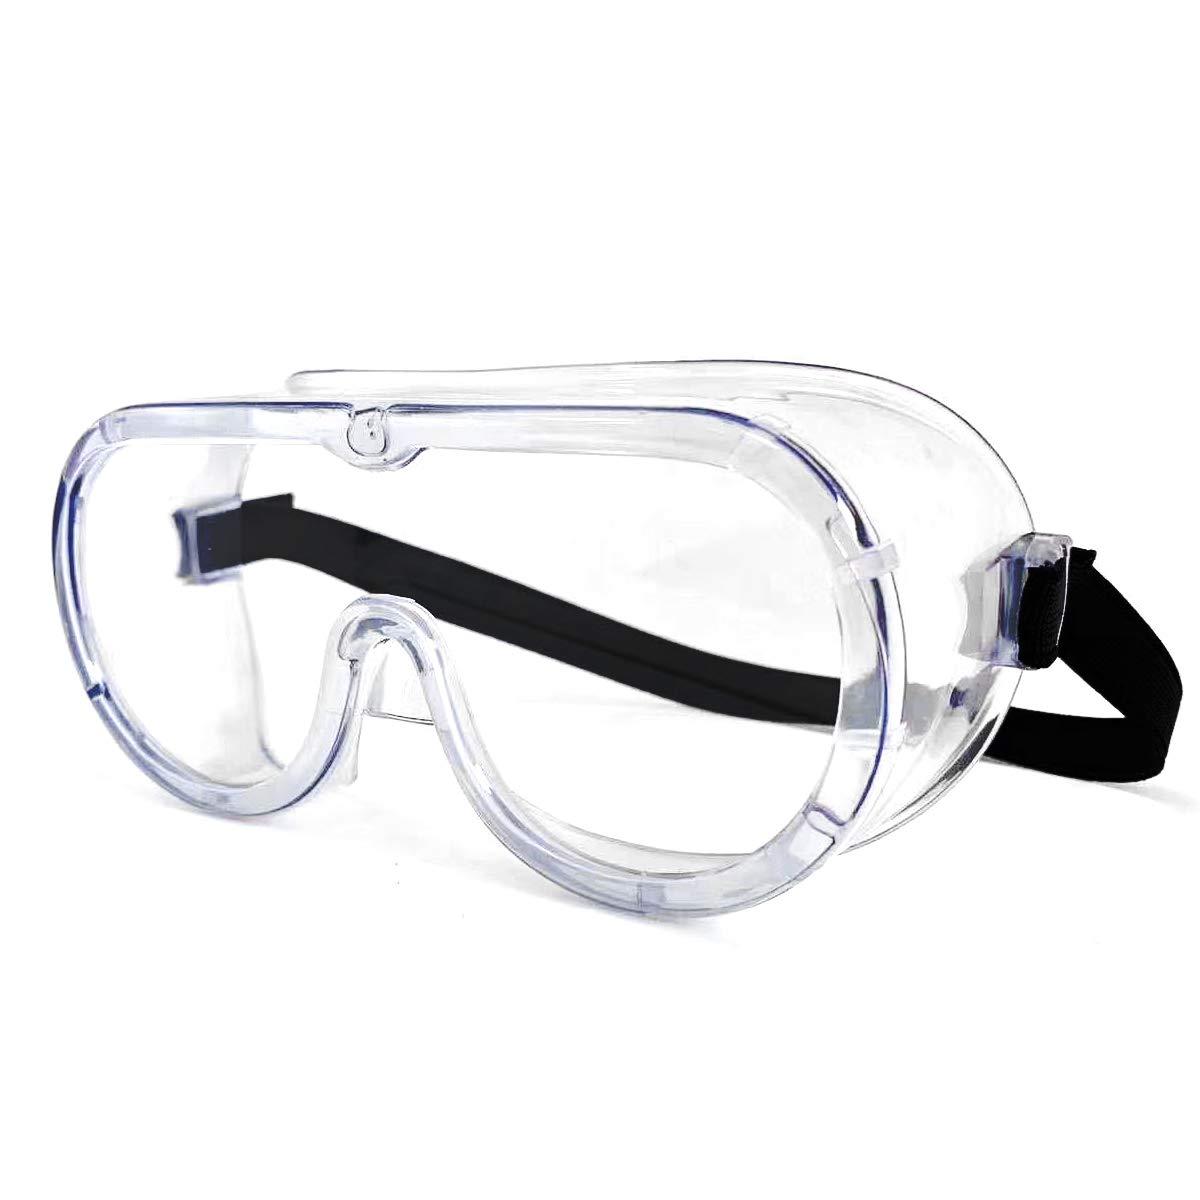 Occhialini di sicurezza anti appannamento avvolgibili occhiali di sicurezza contro gli occhi sigillati occhiali(Venditore laixiulife consegna Amazon)